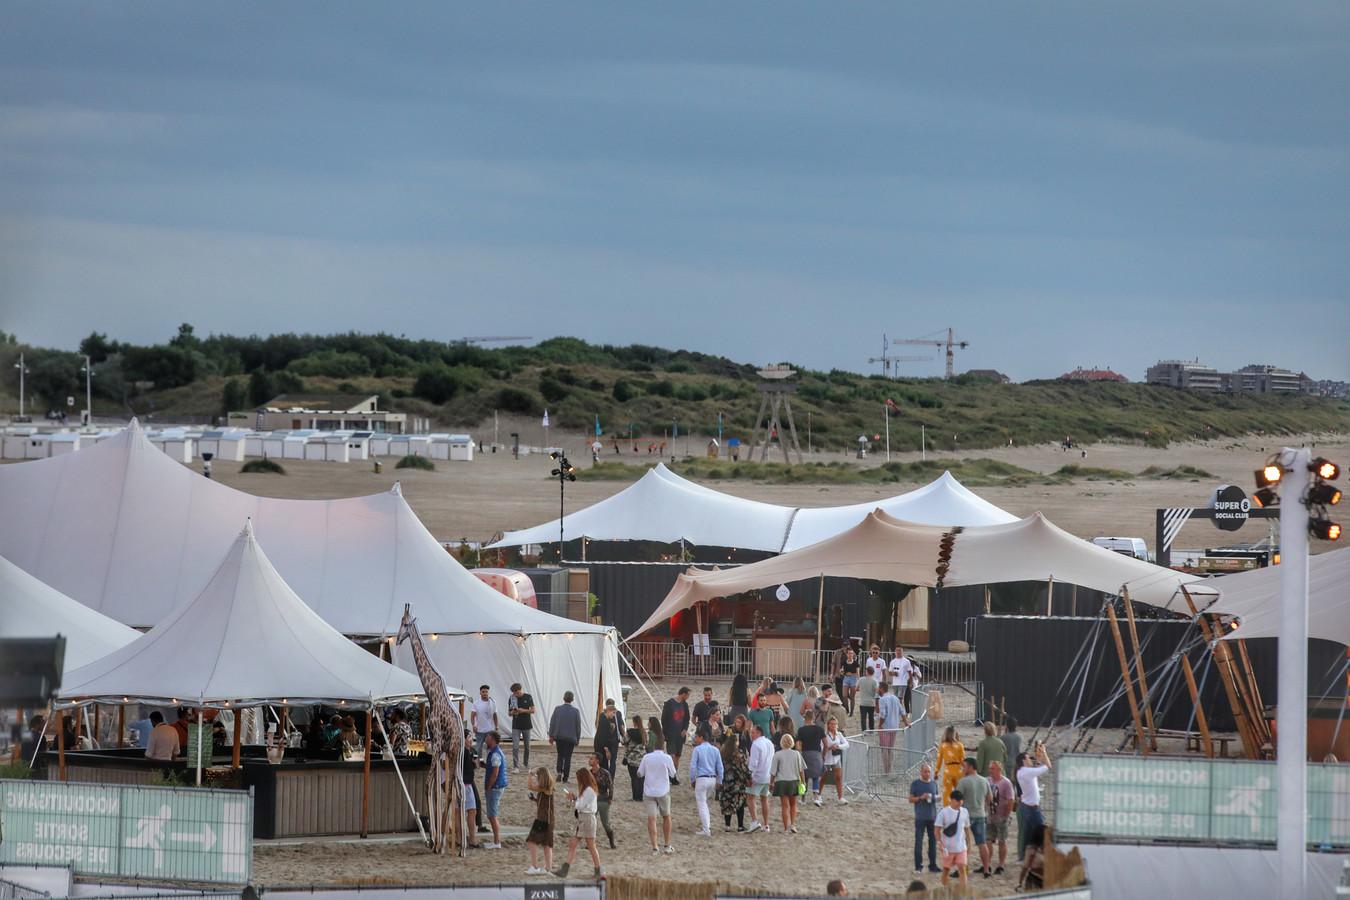 WECANDANCE had voor drie dagen plezier moeten zorgen, maar de eerste festivaldag is al geannuleerd.